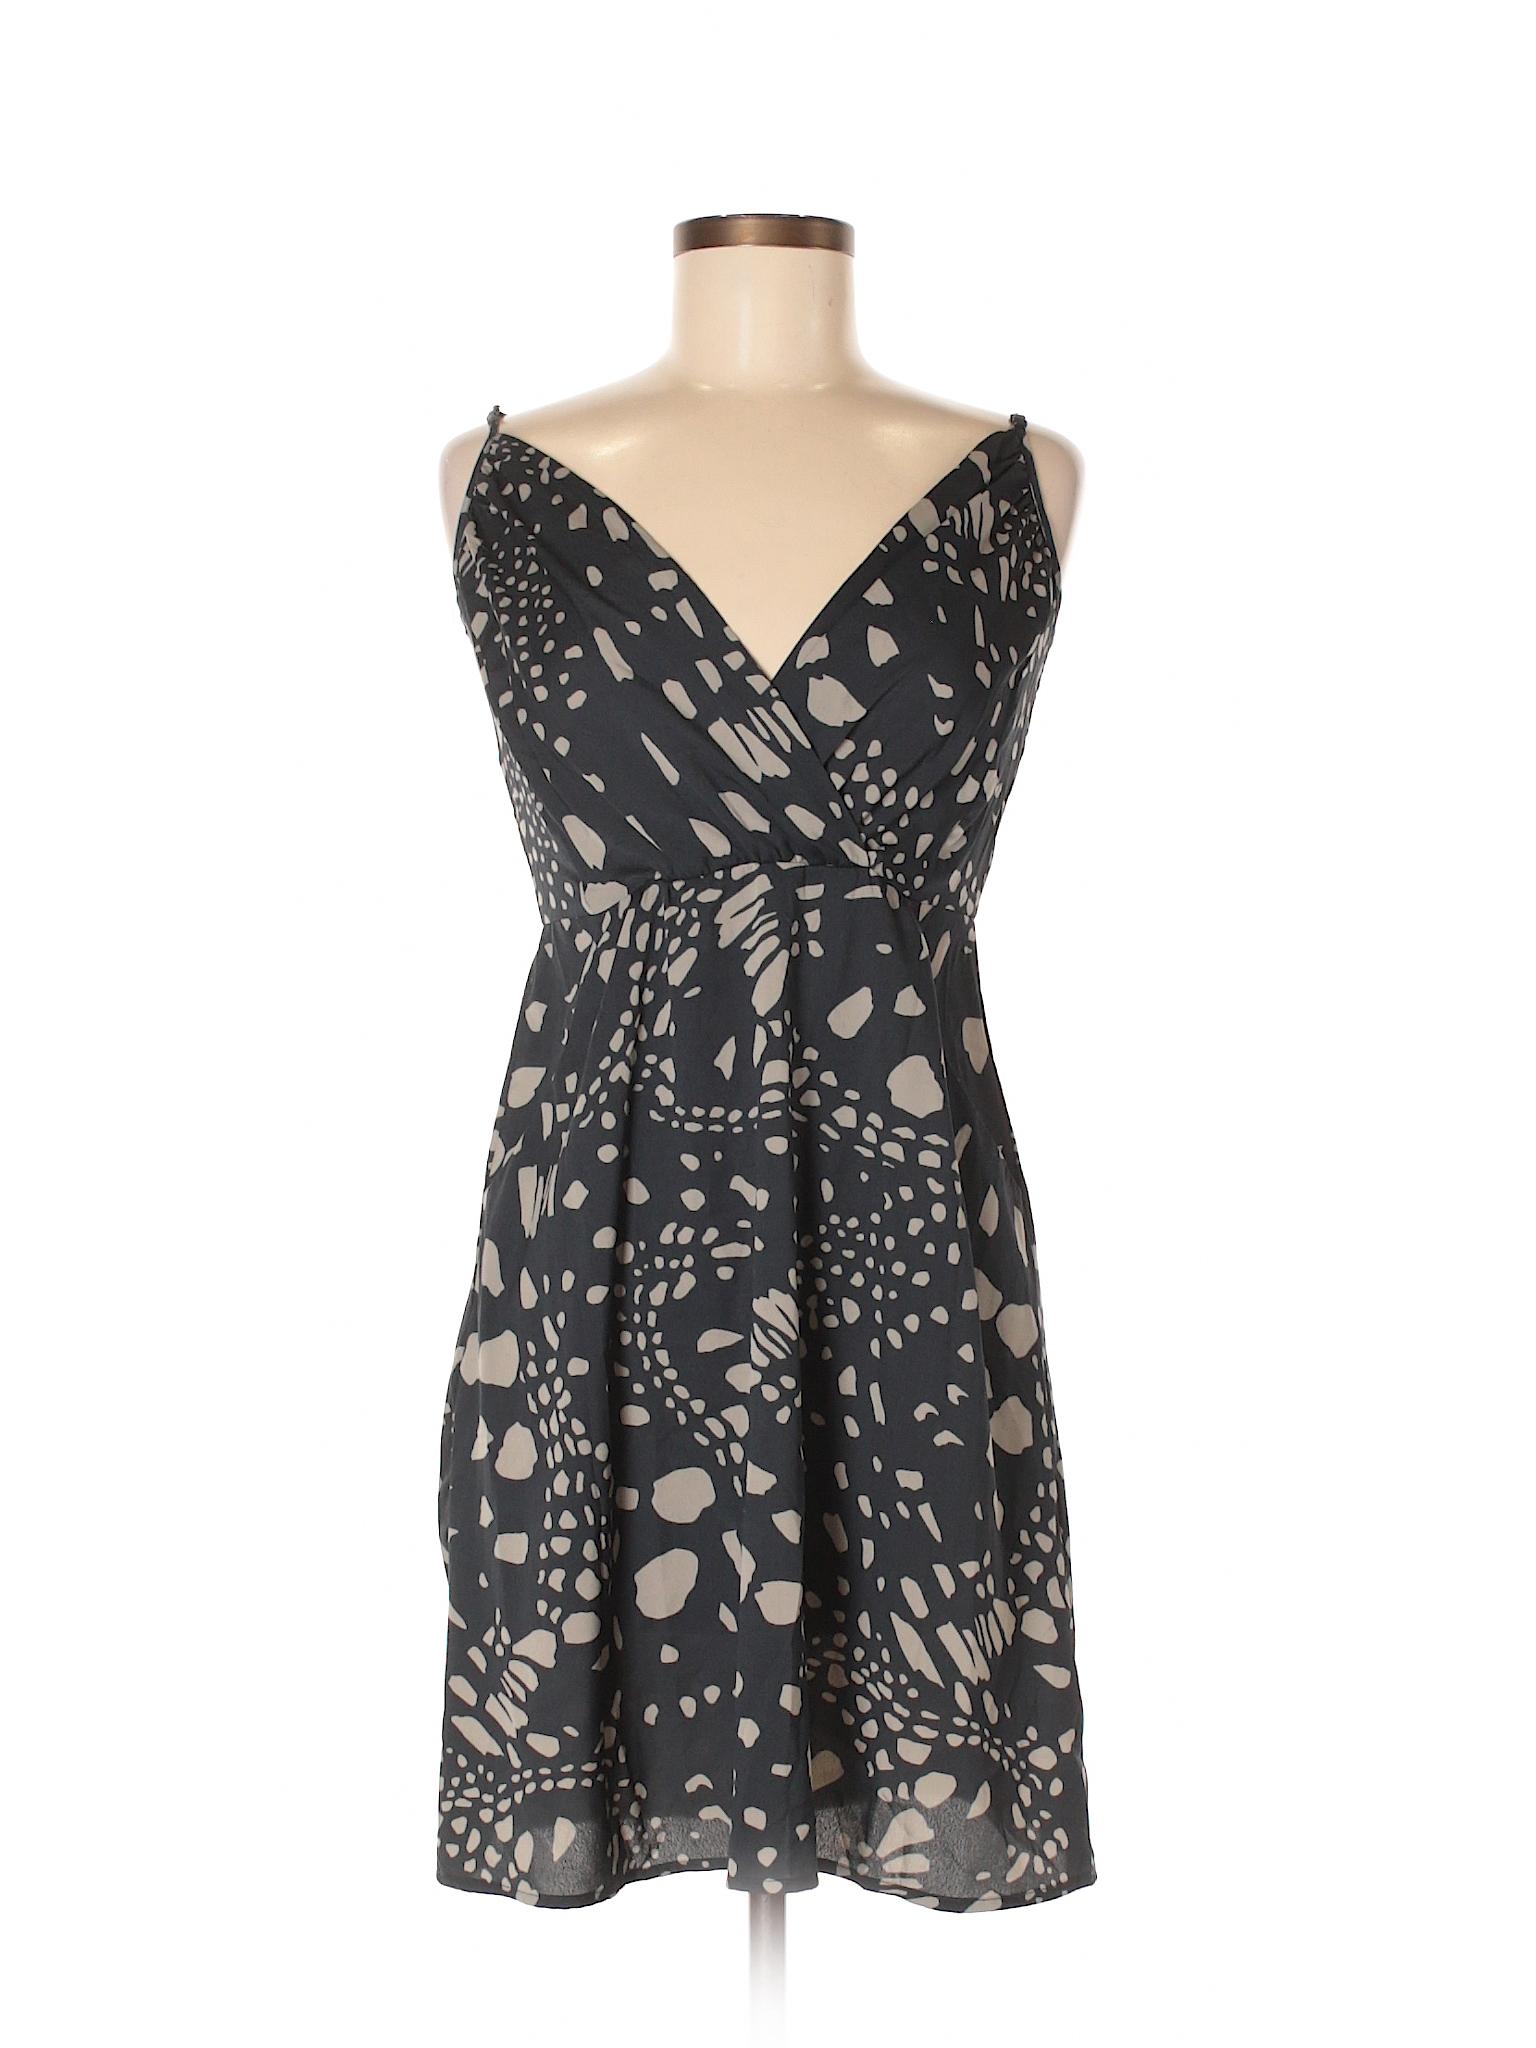 Gap Casual winter Dress Outlet Boutique Ogwp8qq